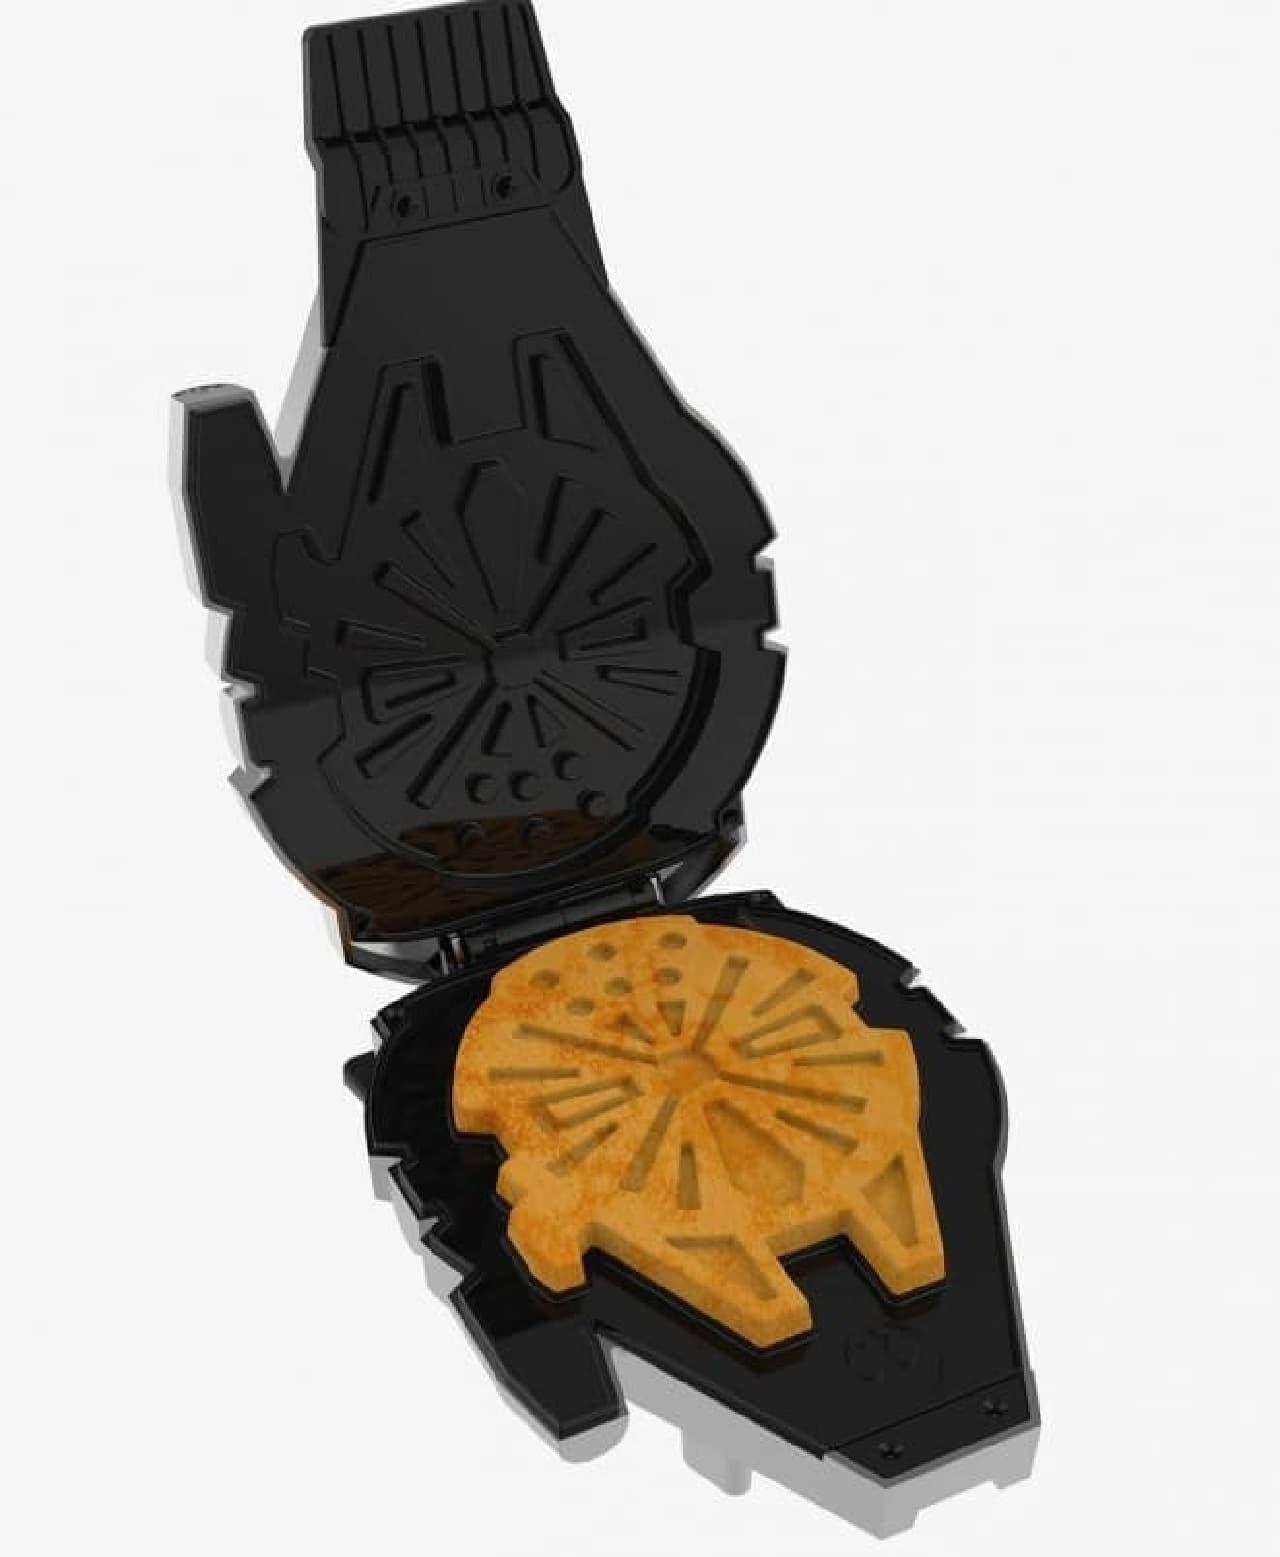 ミレニアム・ファルコン型のワッフルが焼ける「Millennium Falcon Waffle Maker」